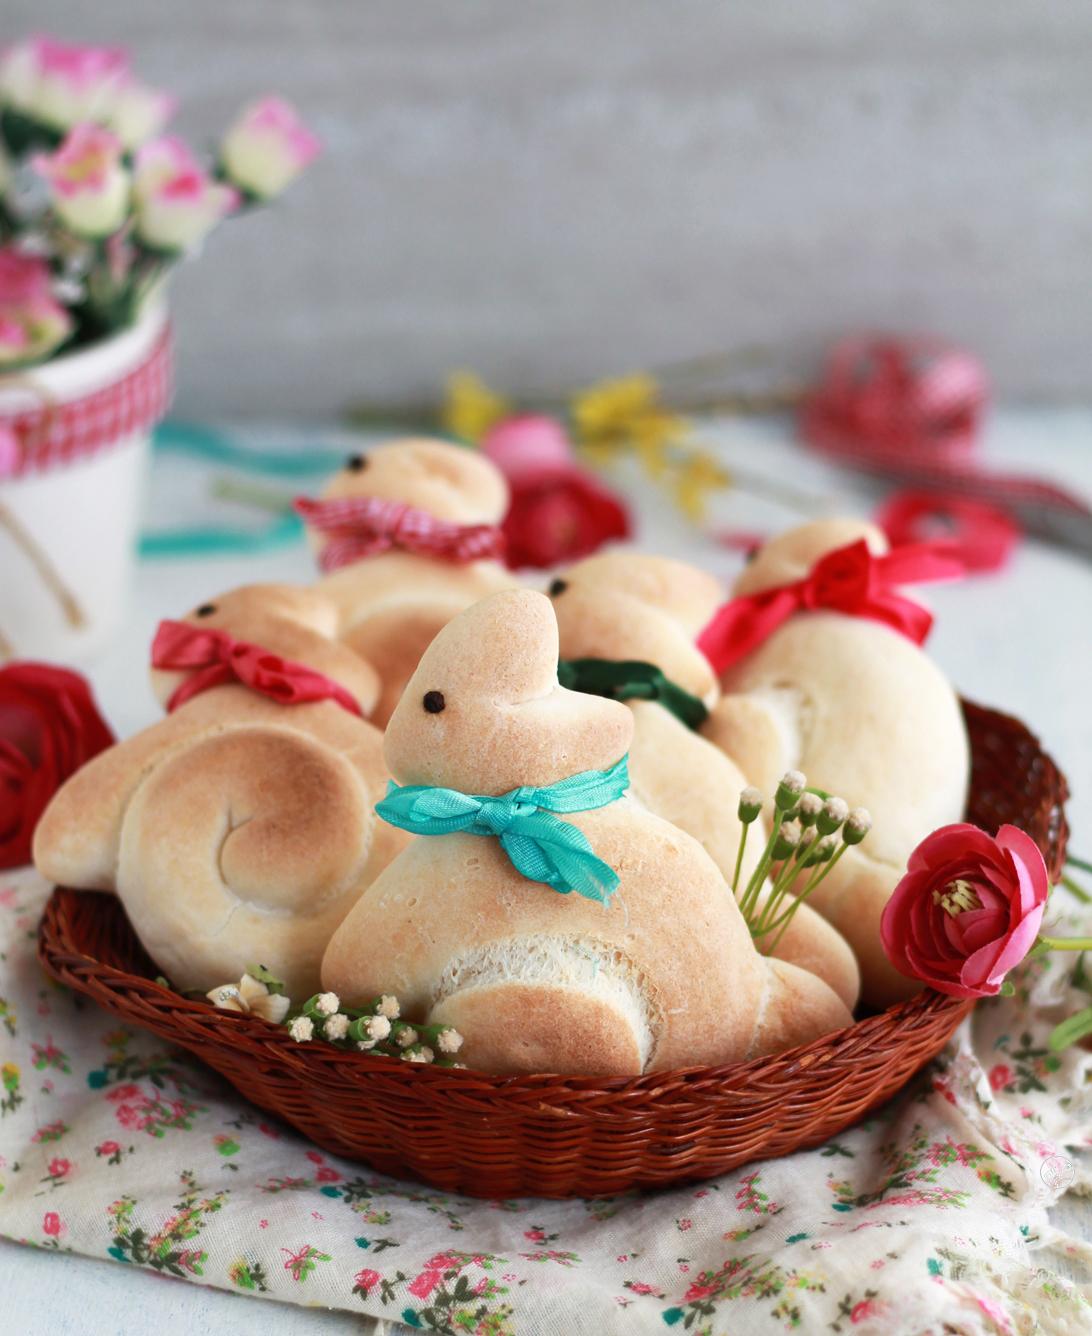 Coniglietti di pane al latte senza glutine - La Cassata Celiaca